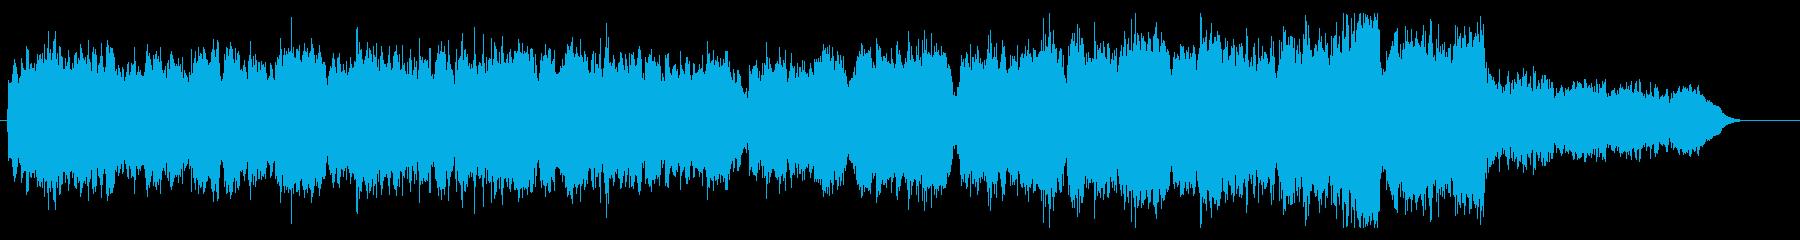 ホルンと弦の揚々感ある器楽曲の再生済みの波形